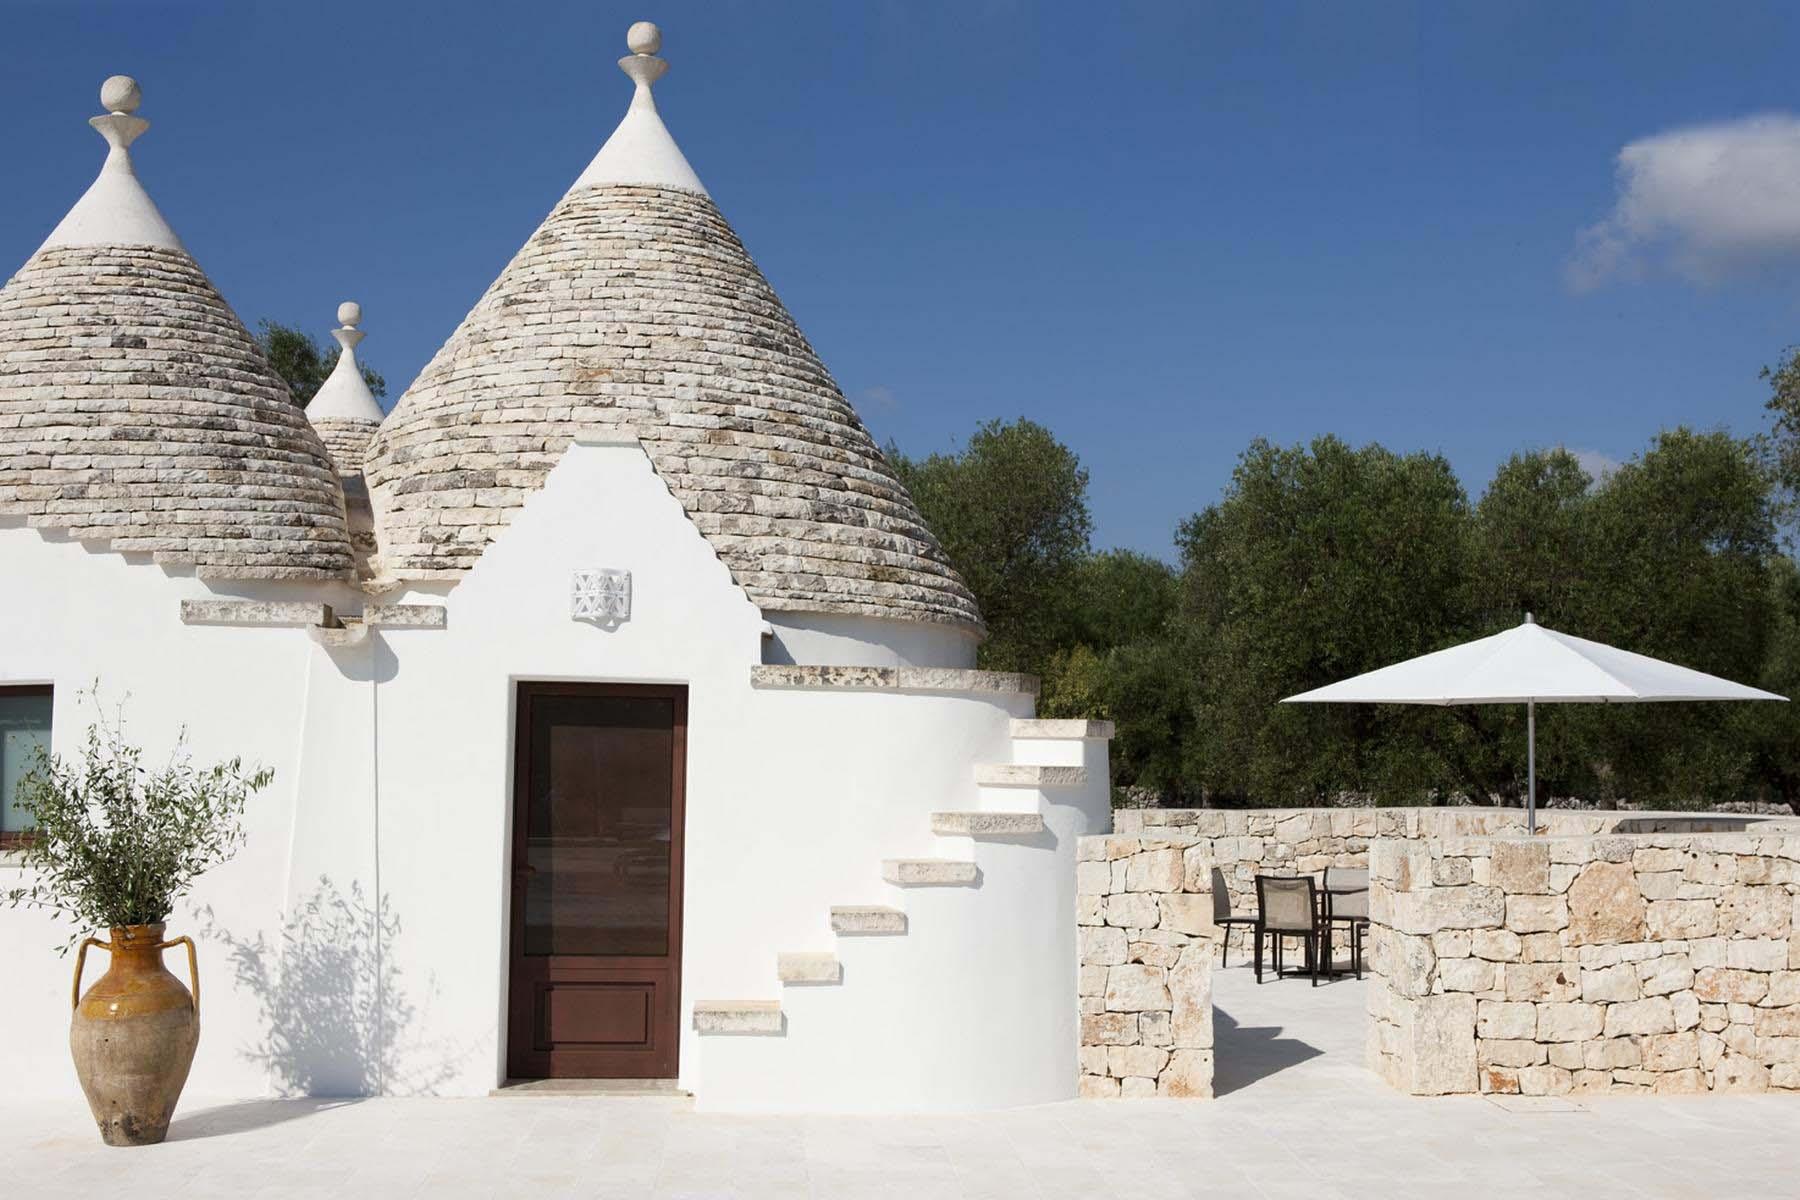 Ville lusso Trulli e Masserie in vendita Puglia | Sotheby's Realty - sothebys.photo 1